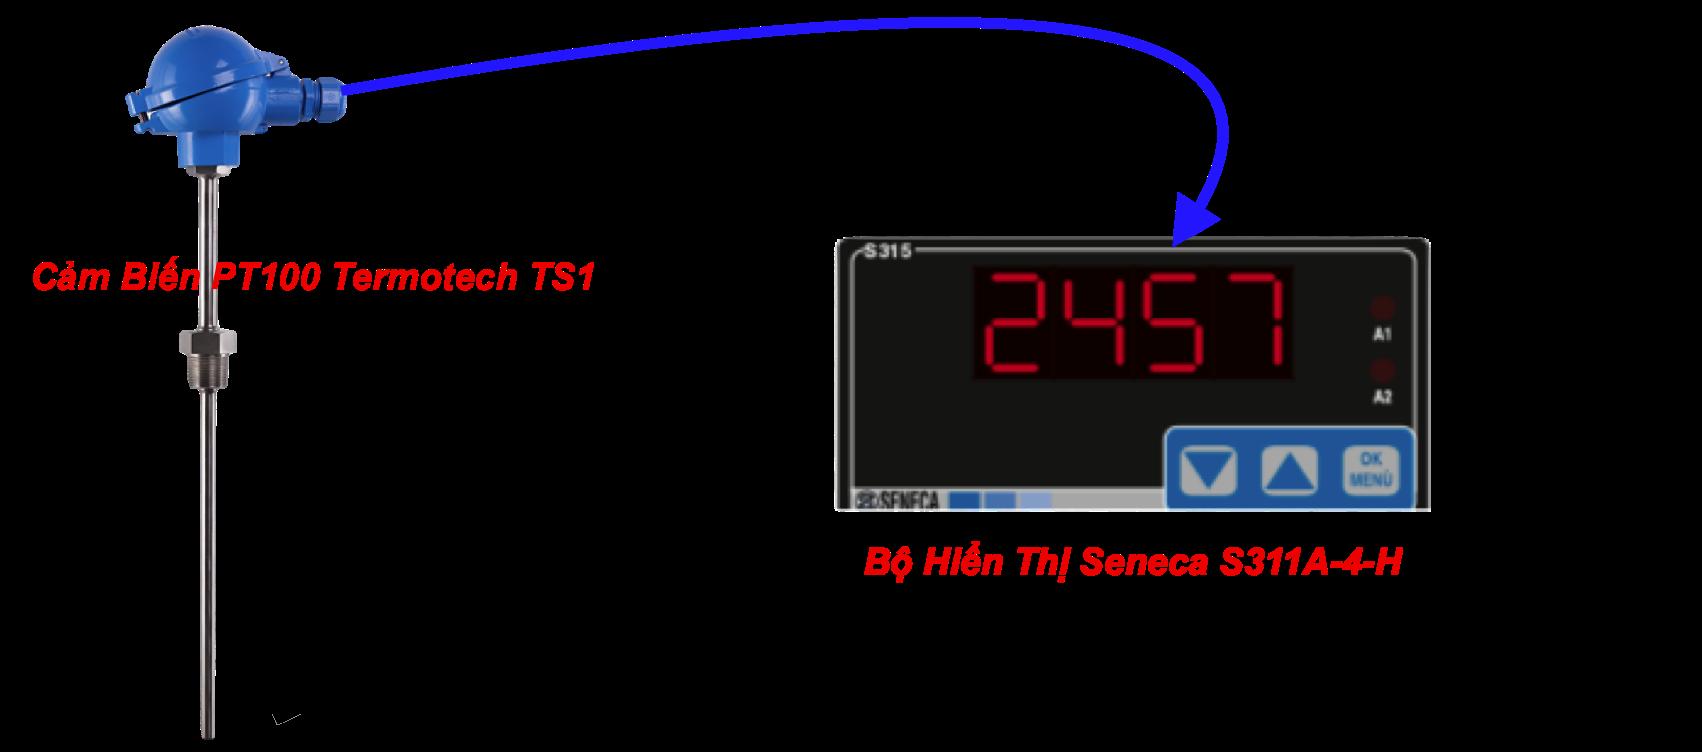 bộ hiển thị nhiệt độ S311A